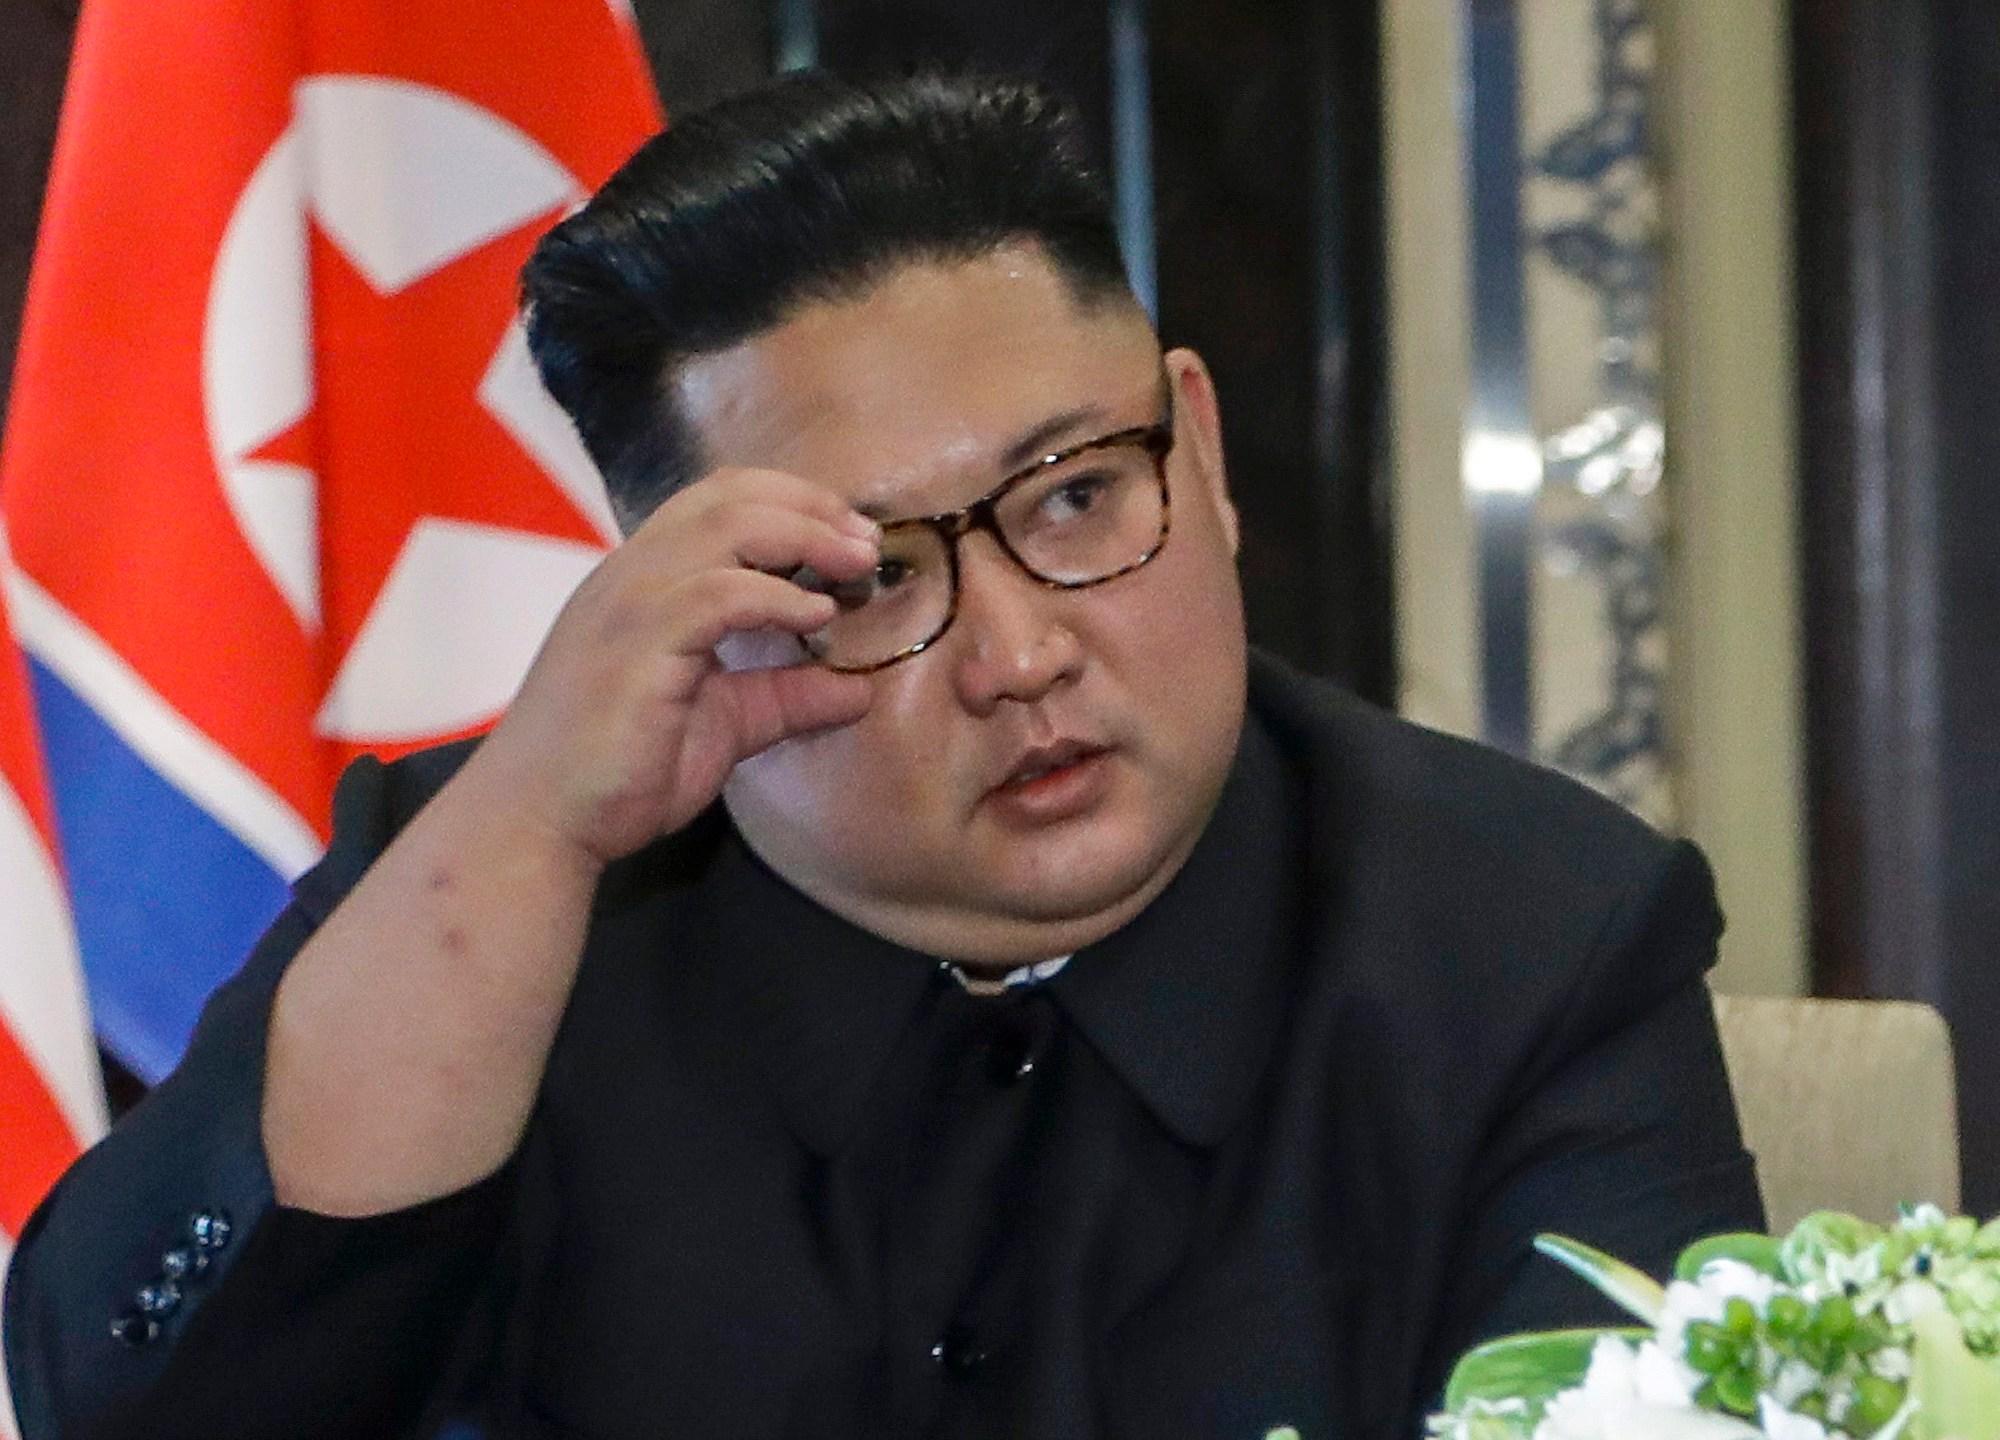 North_Korea_Japan_Bashing_48108-159532.jpg47089327